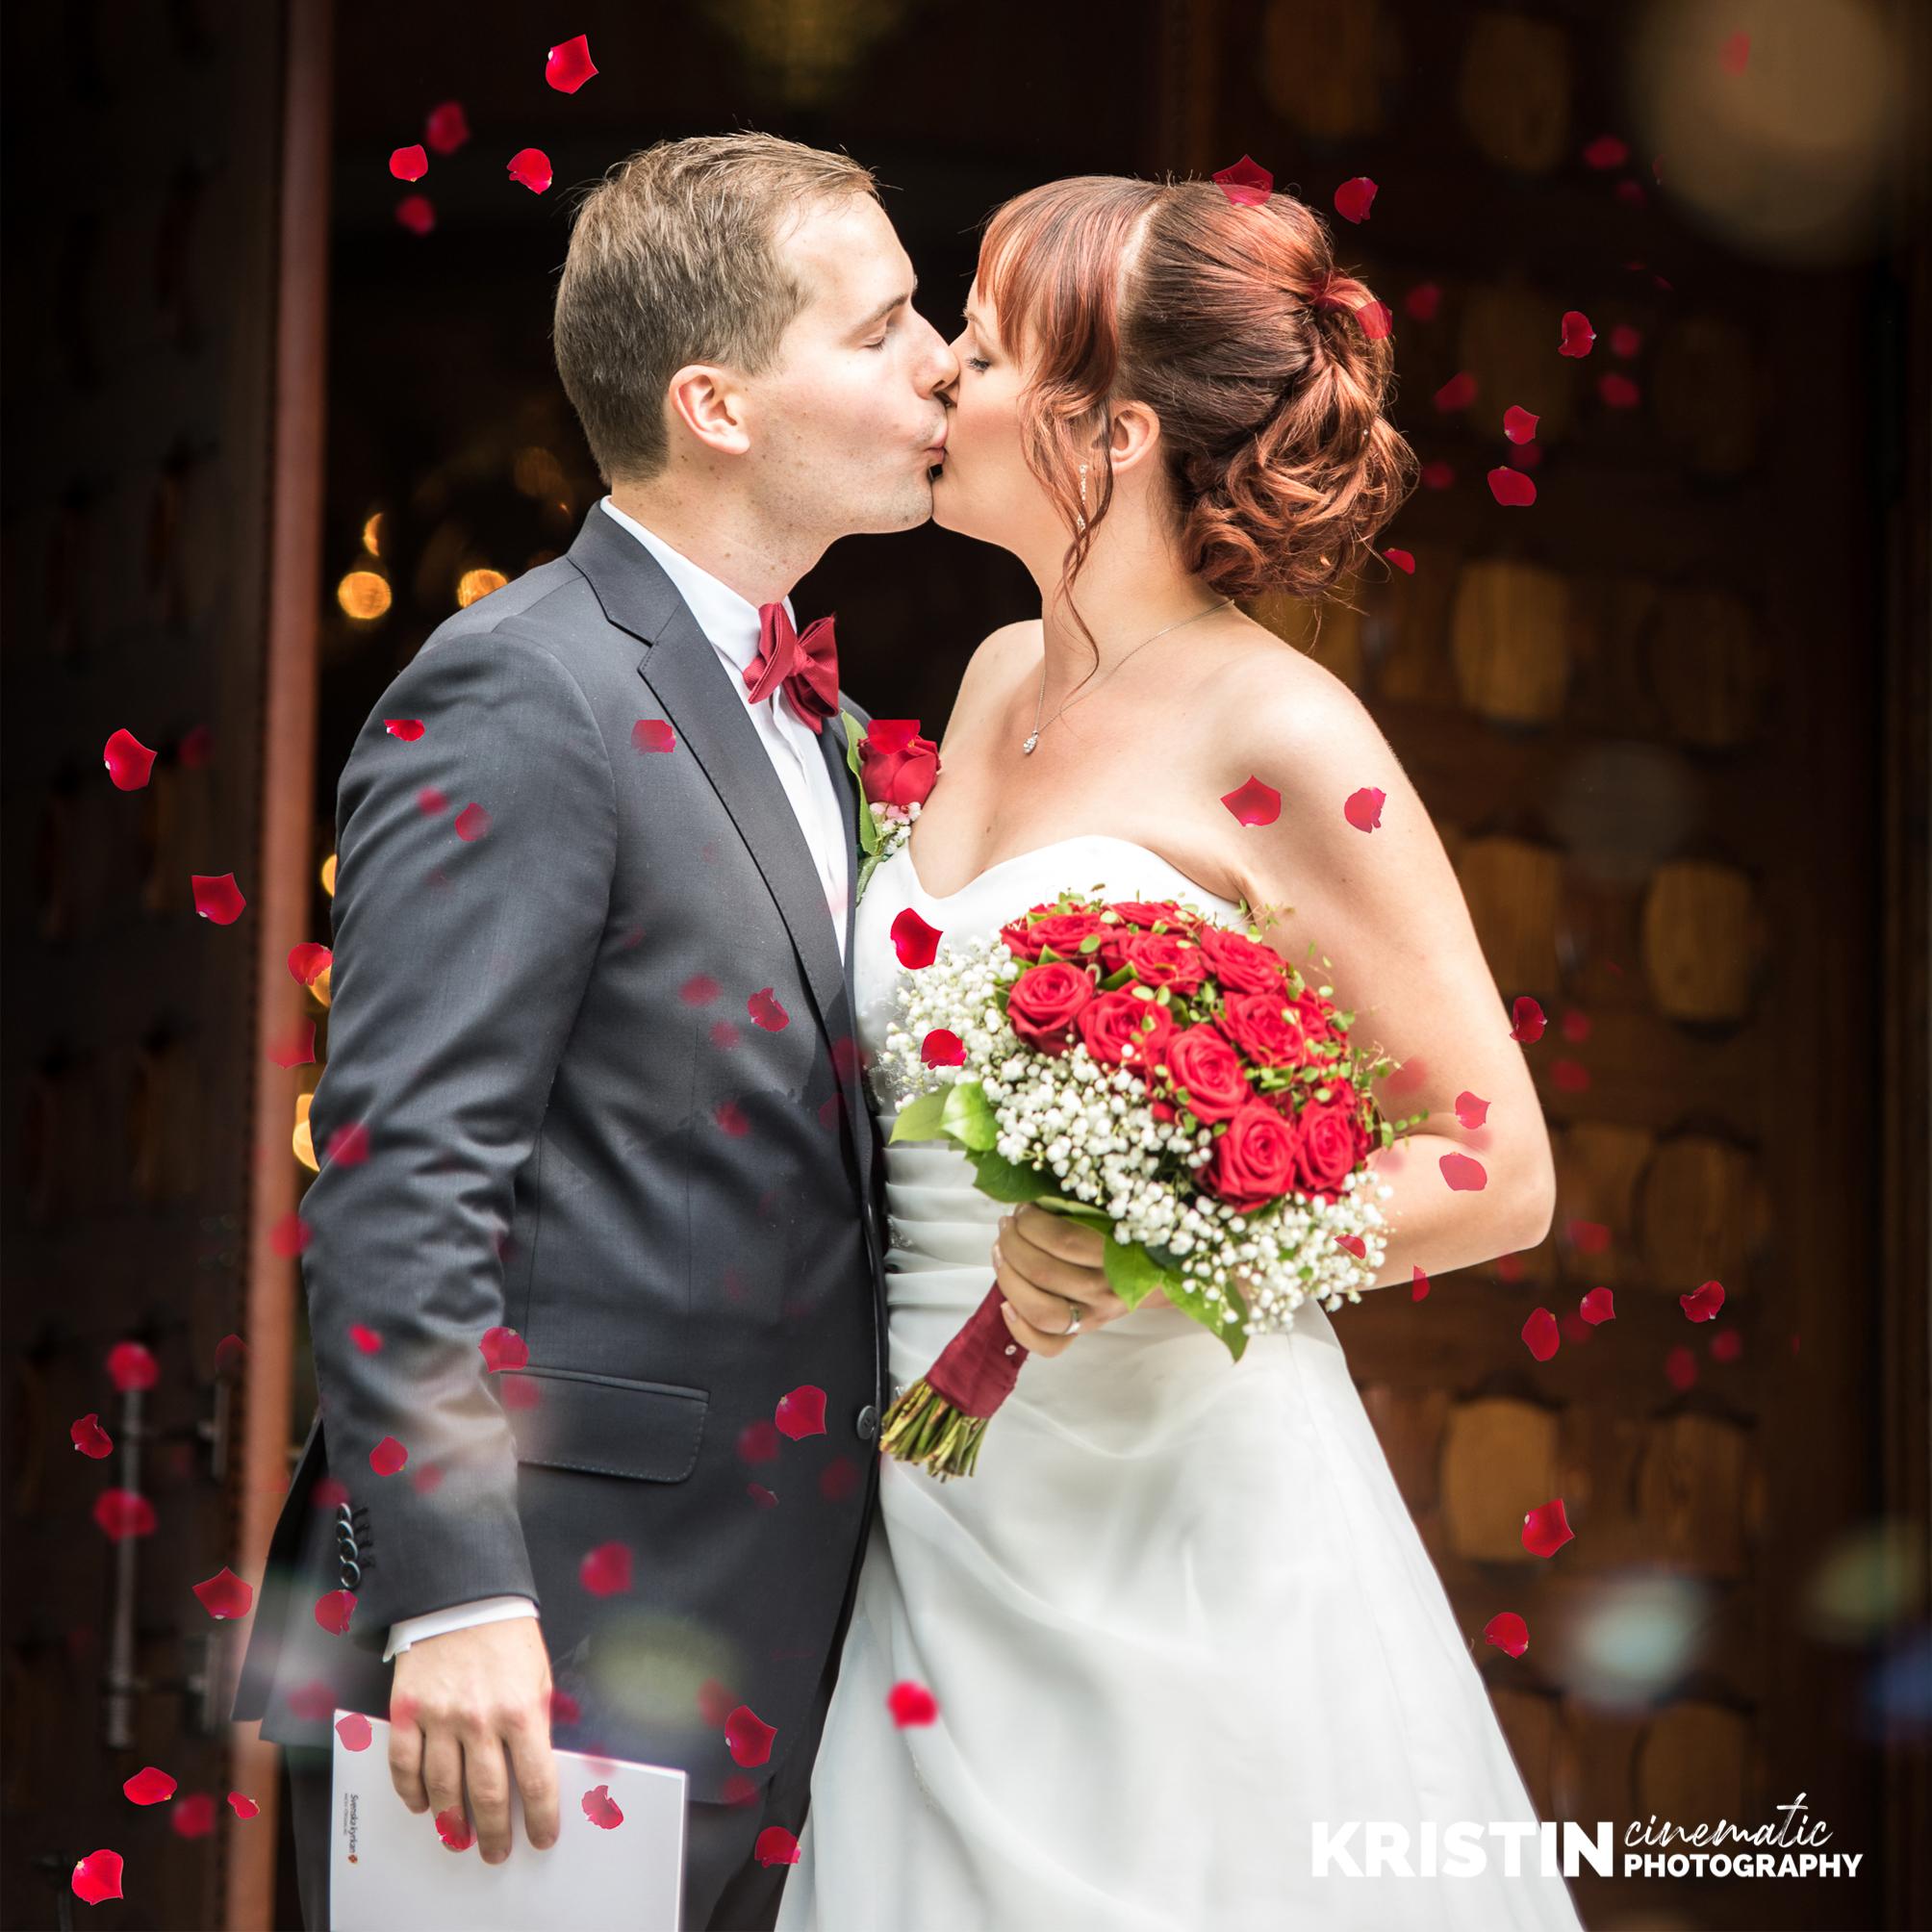 Bröllopsfotograf i Eskilstuna Kristin - Photography-1.jpg